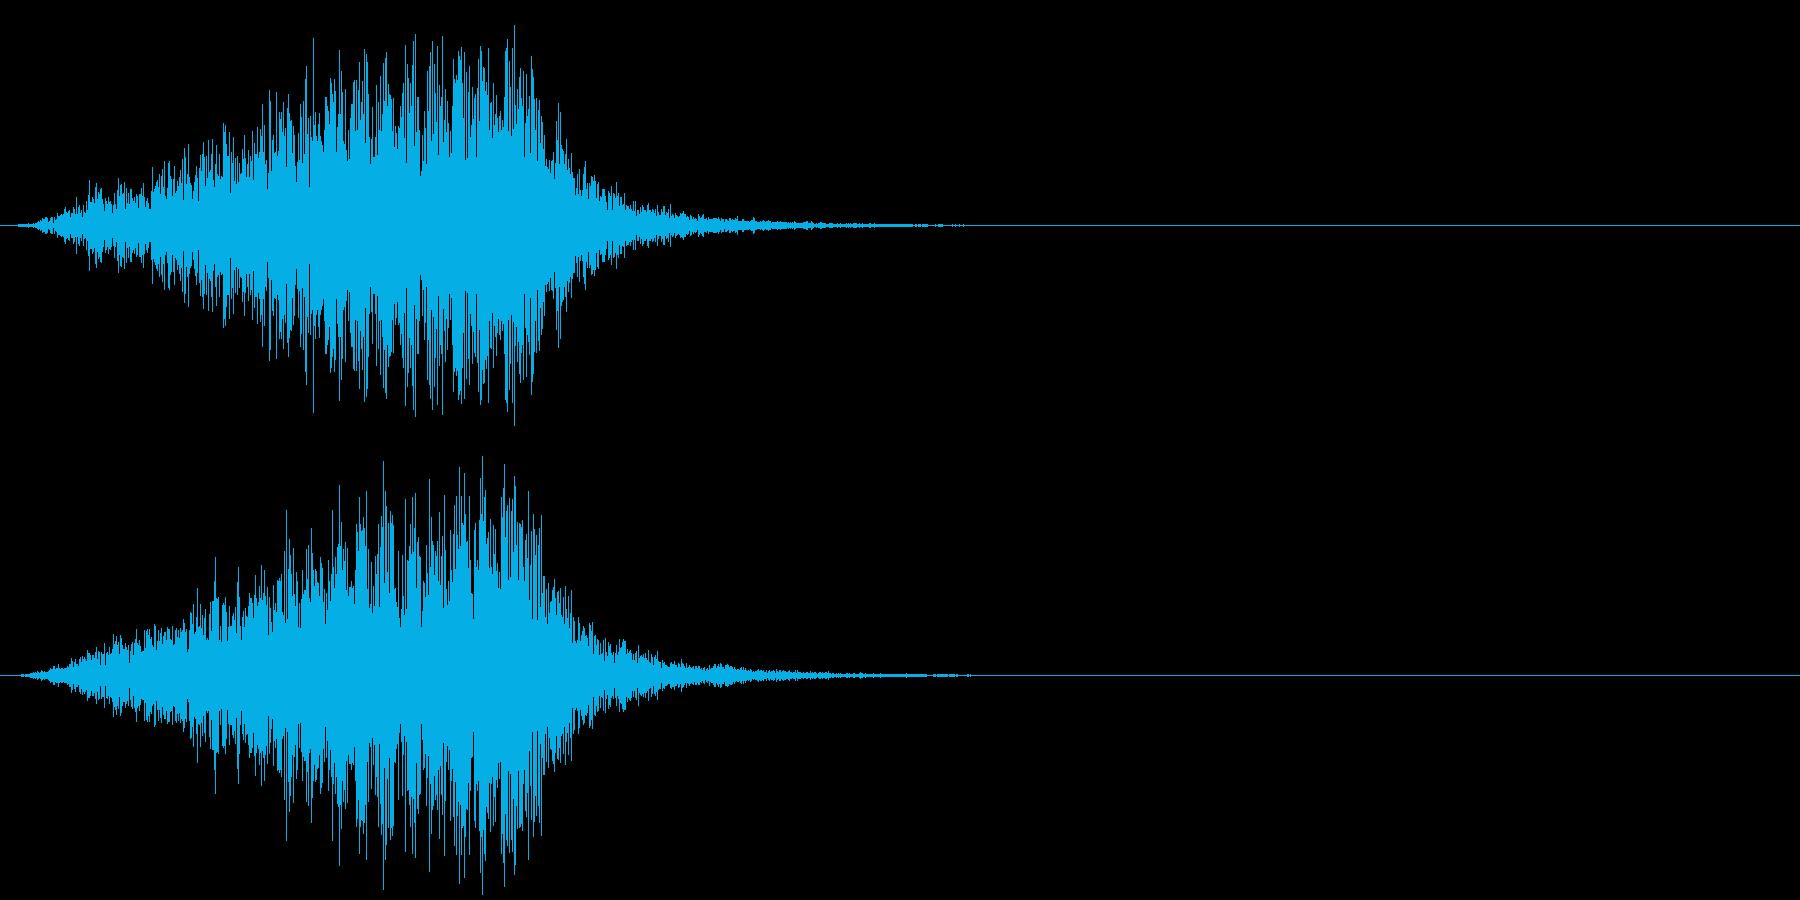 ホラー 近く 接近 恐怖 金属音 08の再生済みの波形